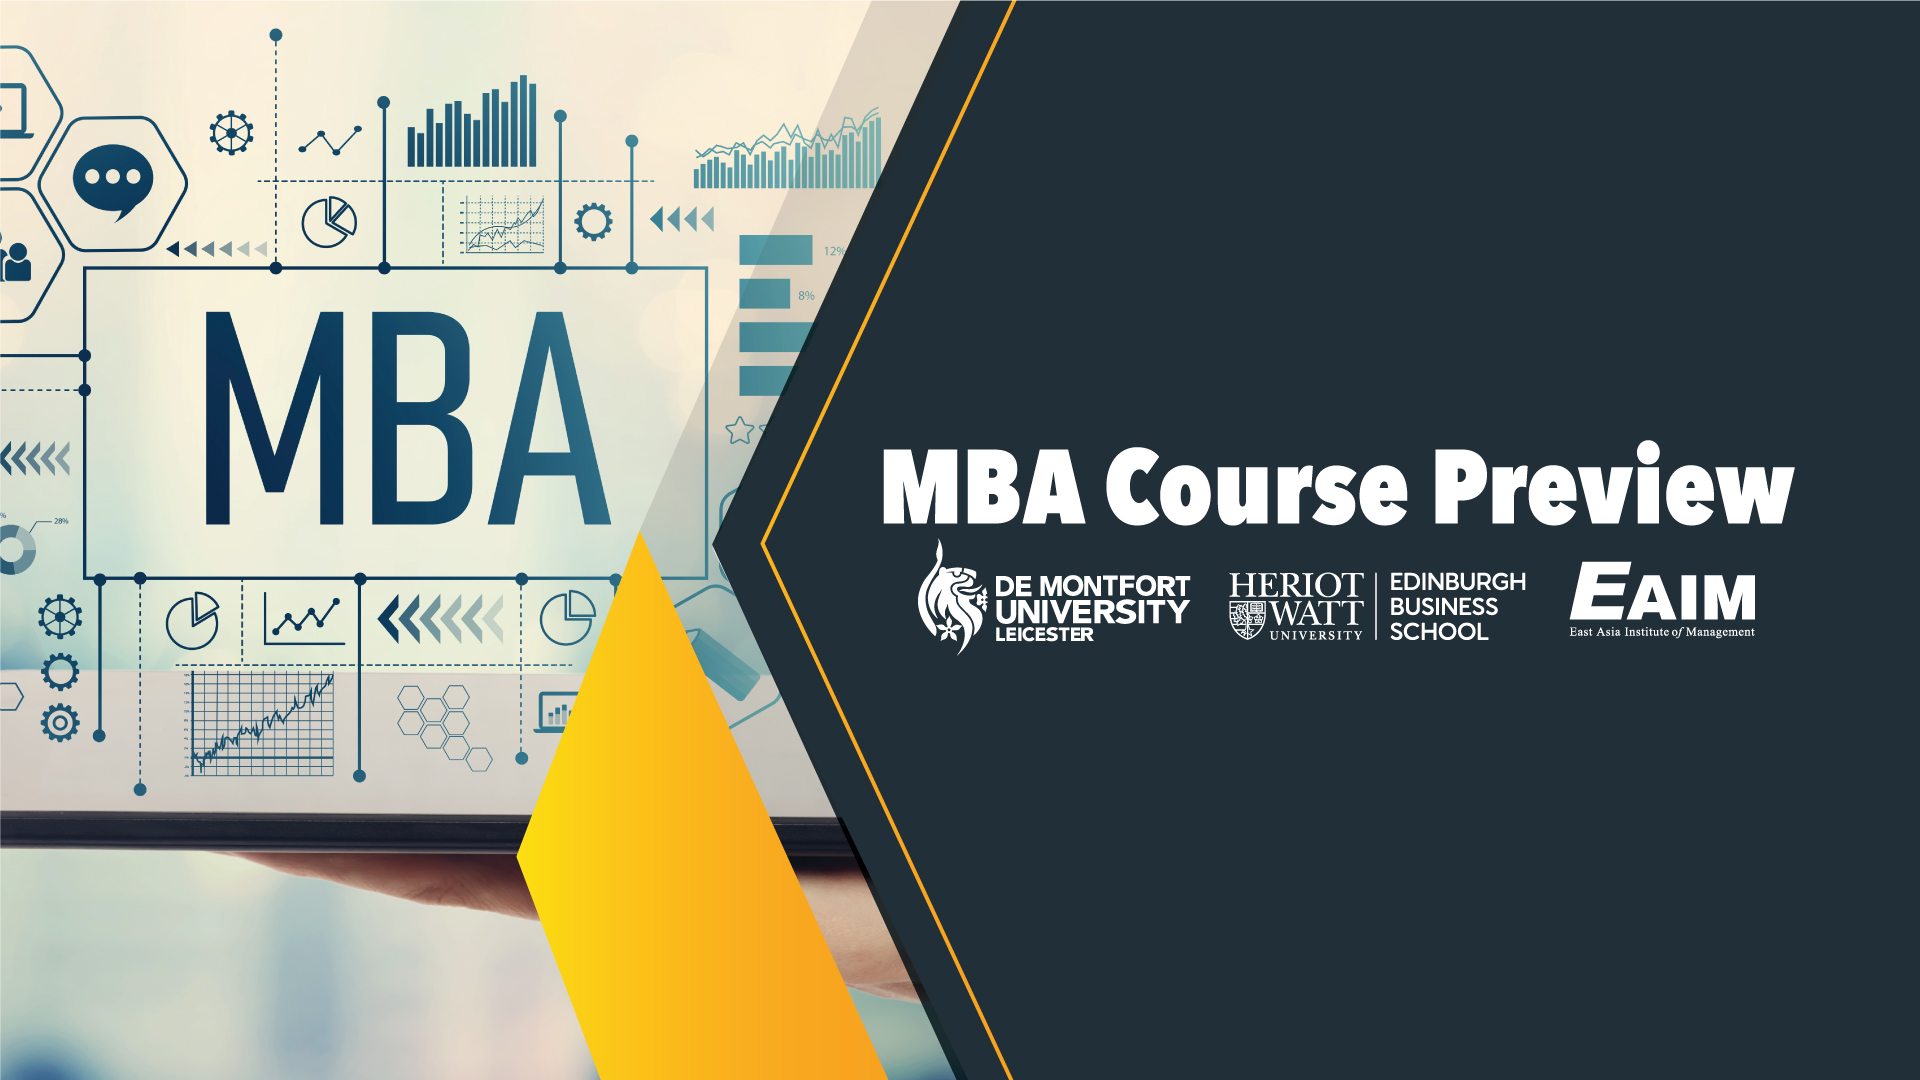 MBA Course Preview Recap